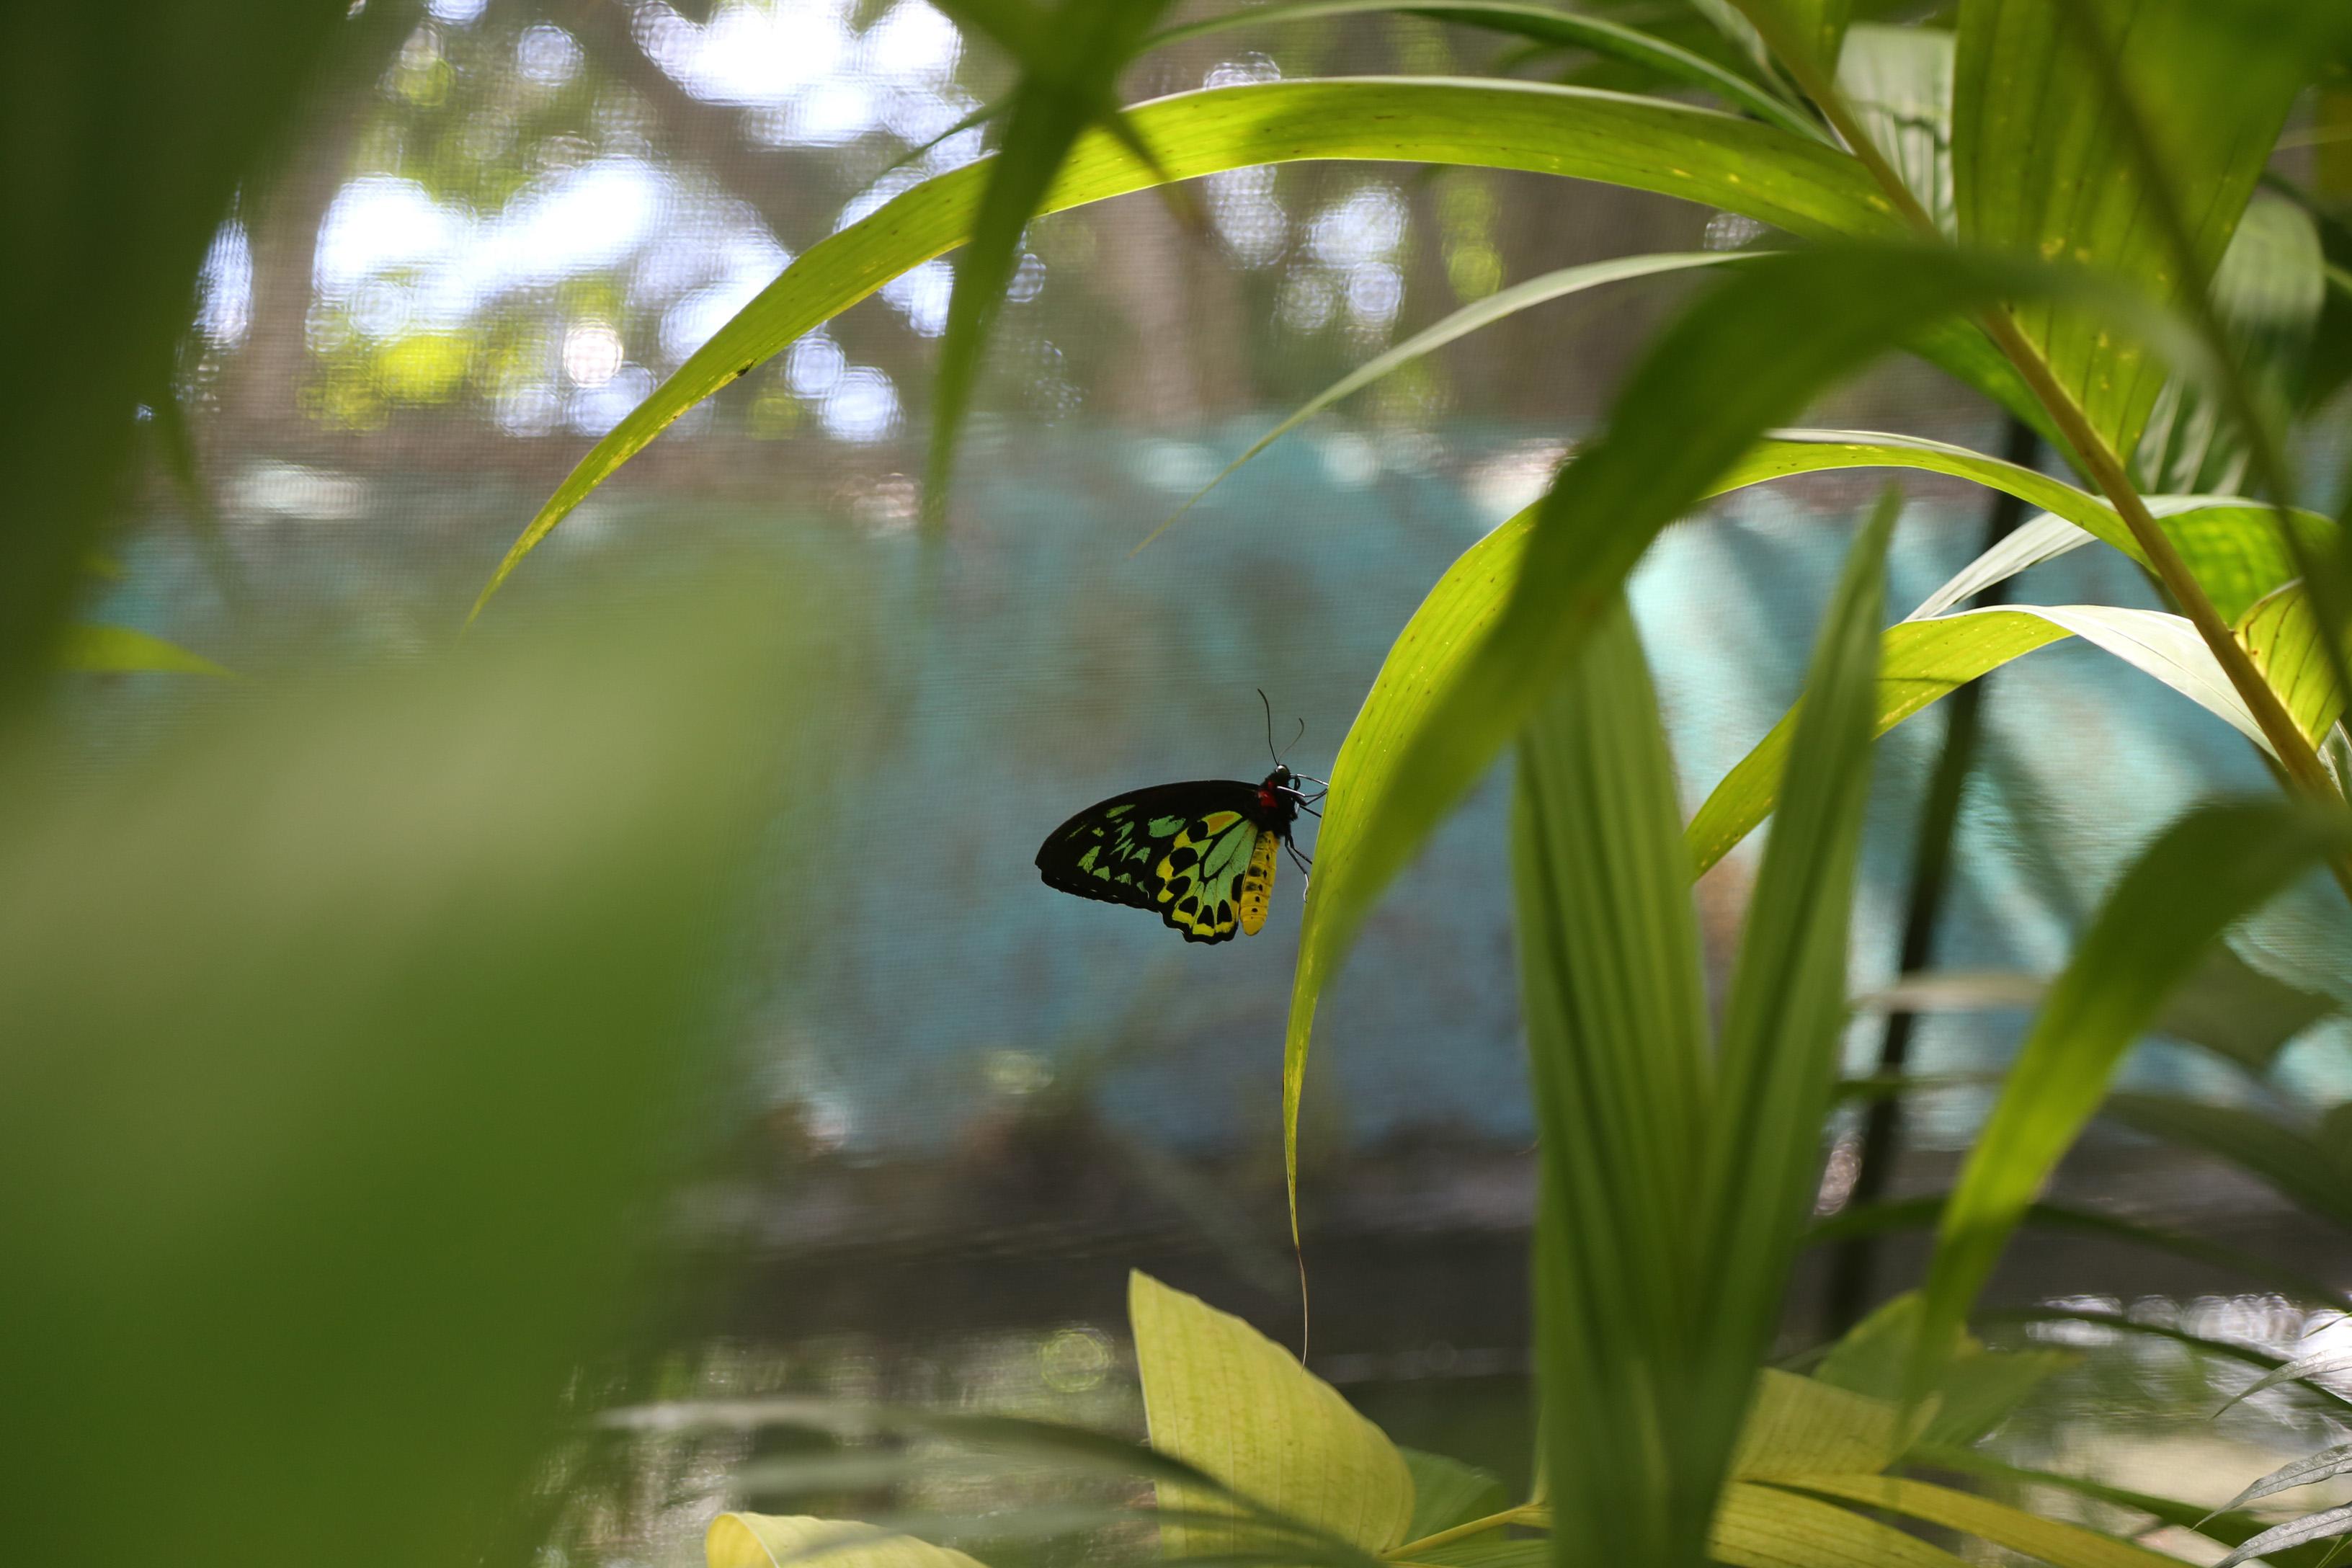 Schmetterling auf einem Blatt - Mitarbeiterbindung Wertschätzung